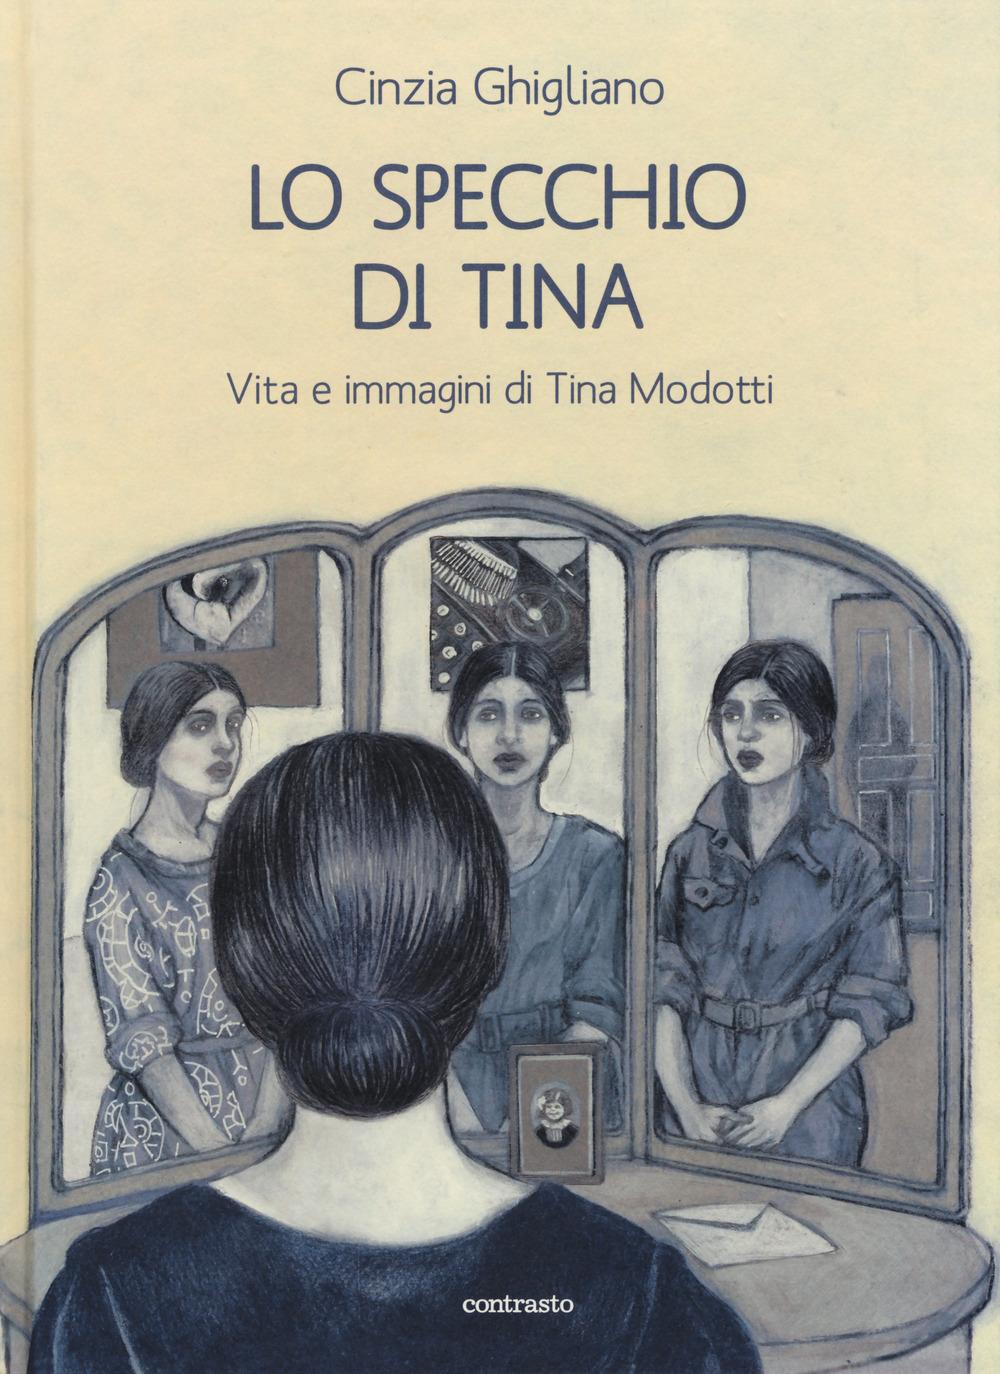 Lo specchio di Tina. Vita e immagini di Tina Modotti